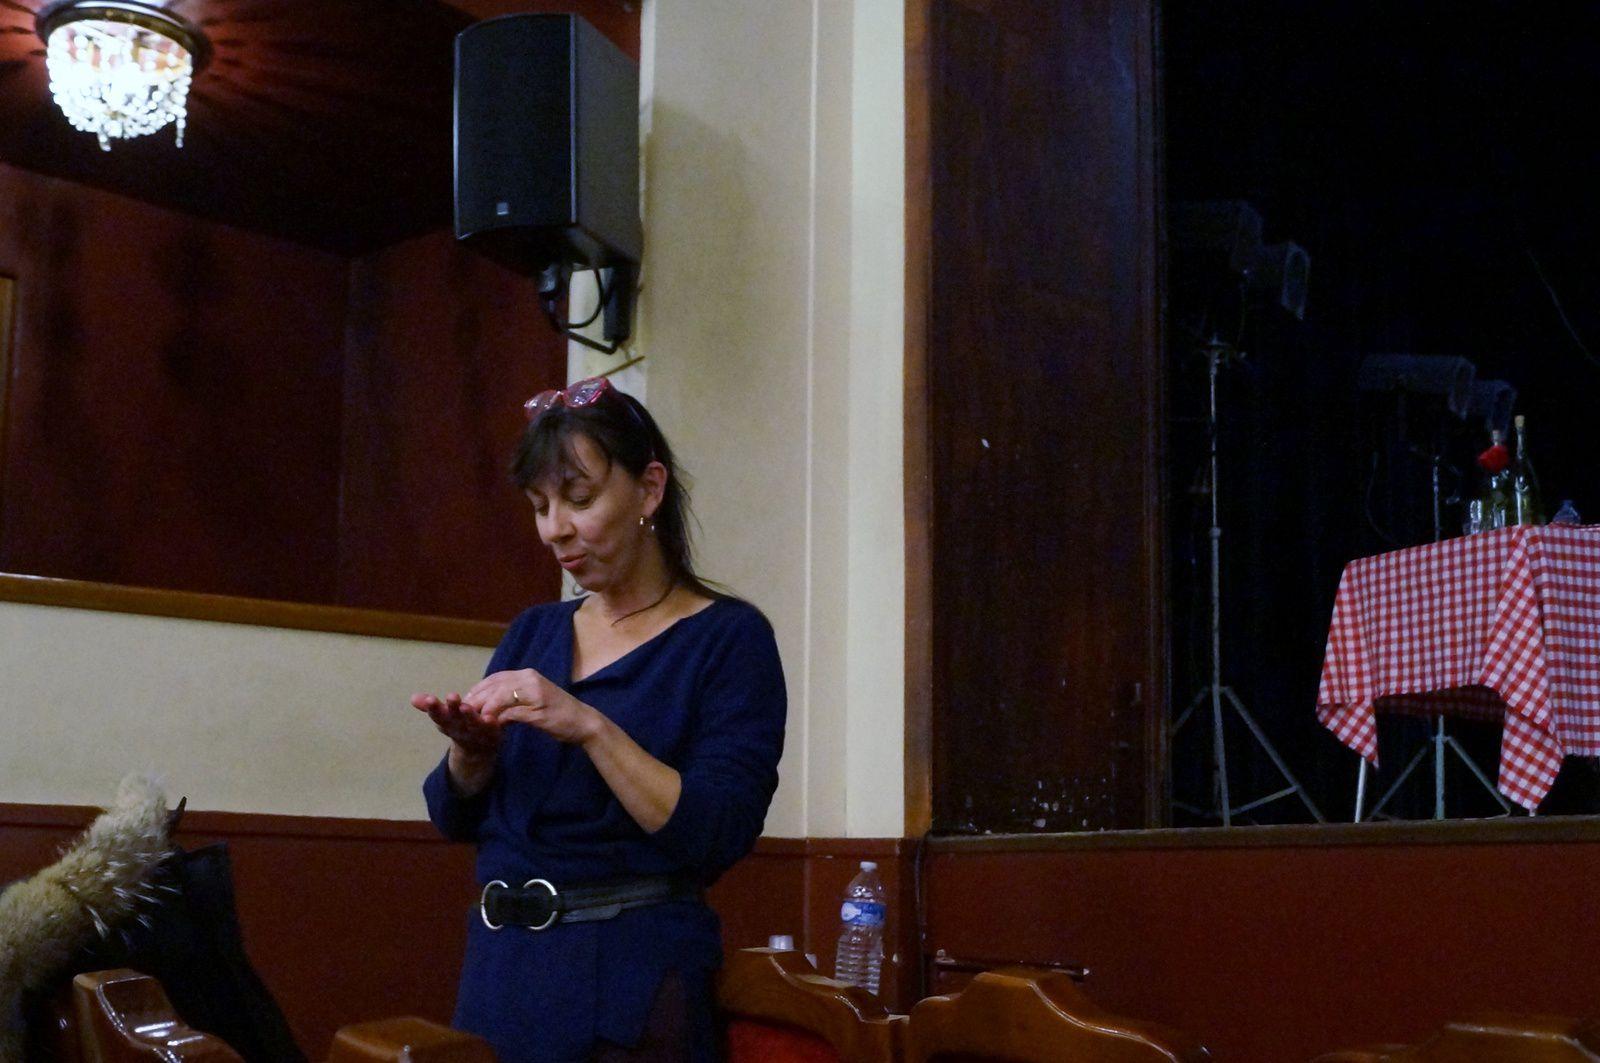 Rencontre avec Corinne Benizio (Shirley) au Théâtre de l'Atelier